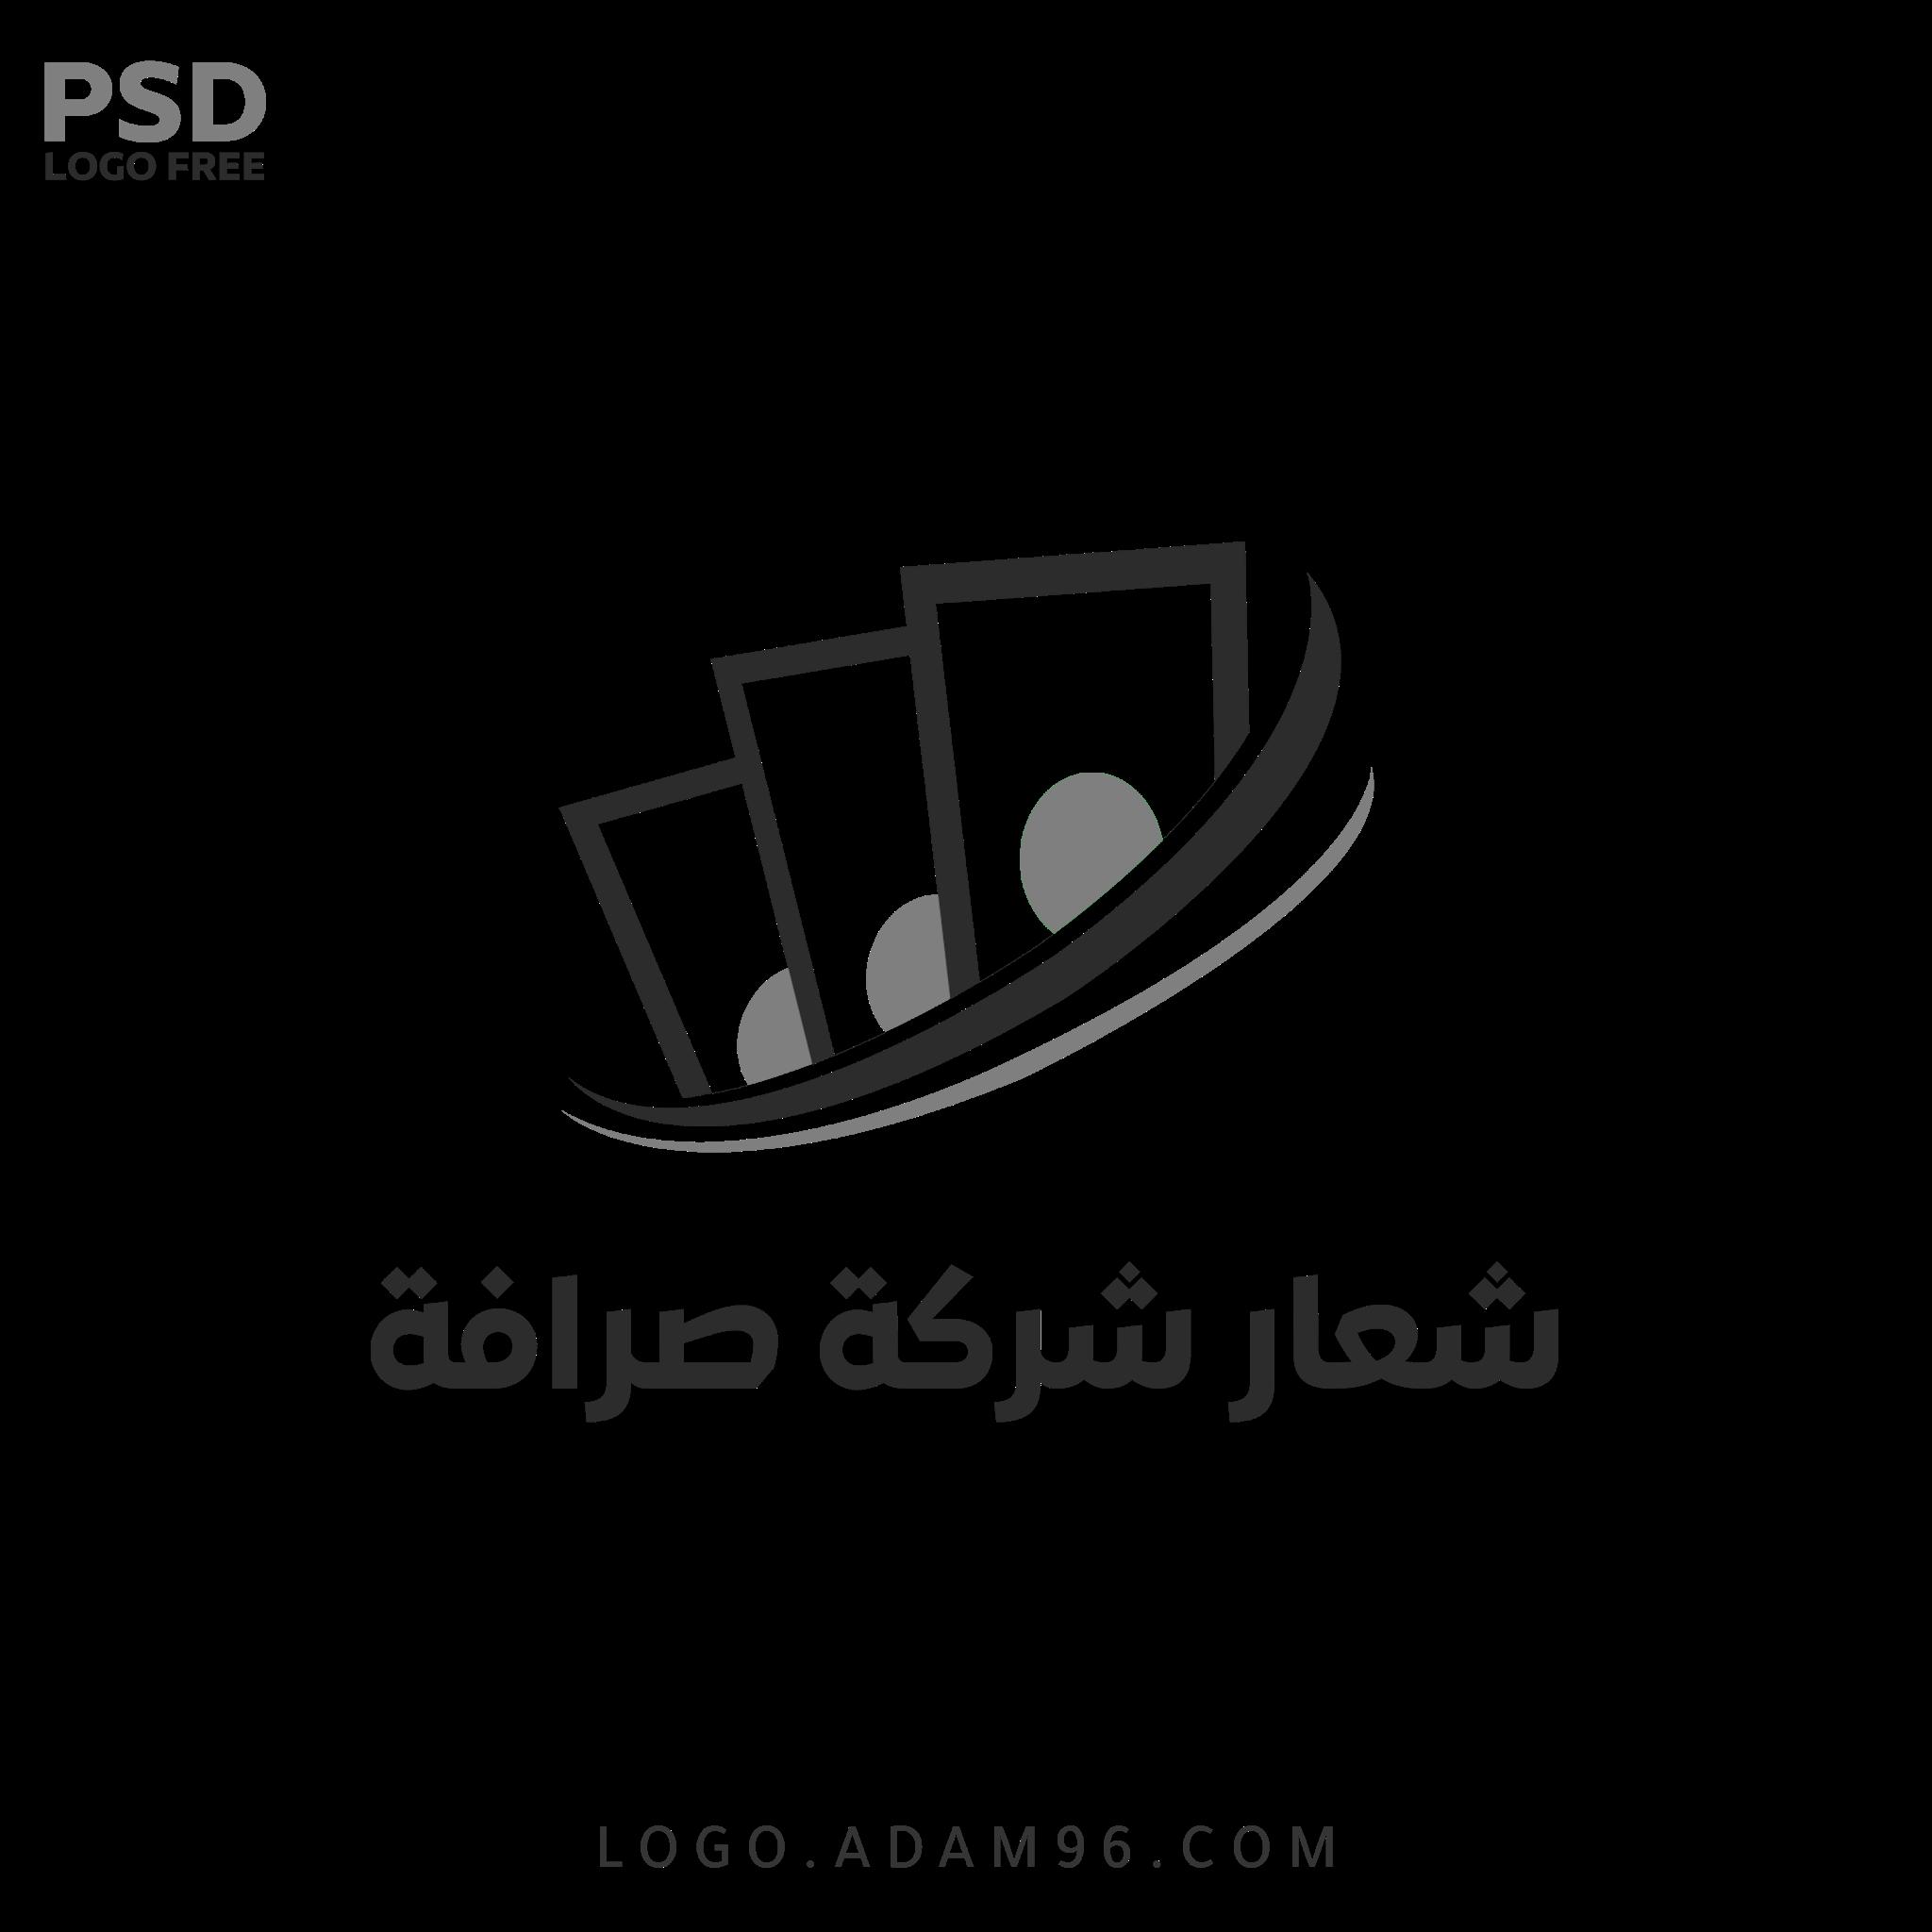 تحميل شعار شركة صرافة عملات لوجو شركات تصريف اموال بصيغة PSD